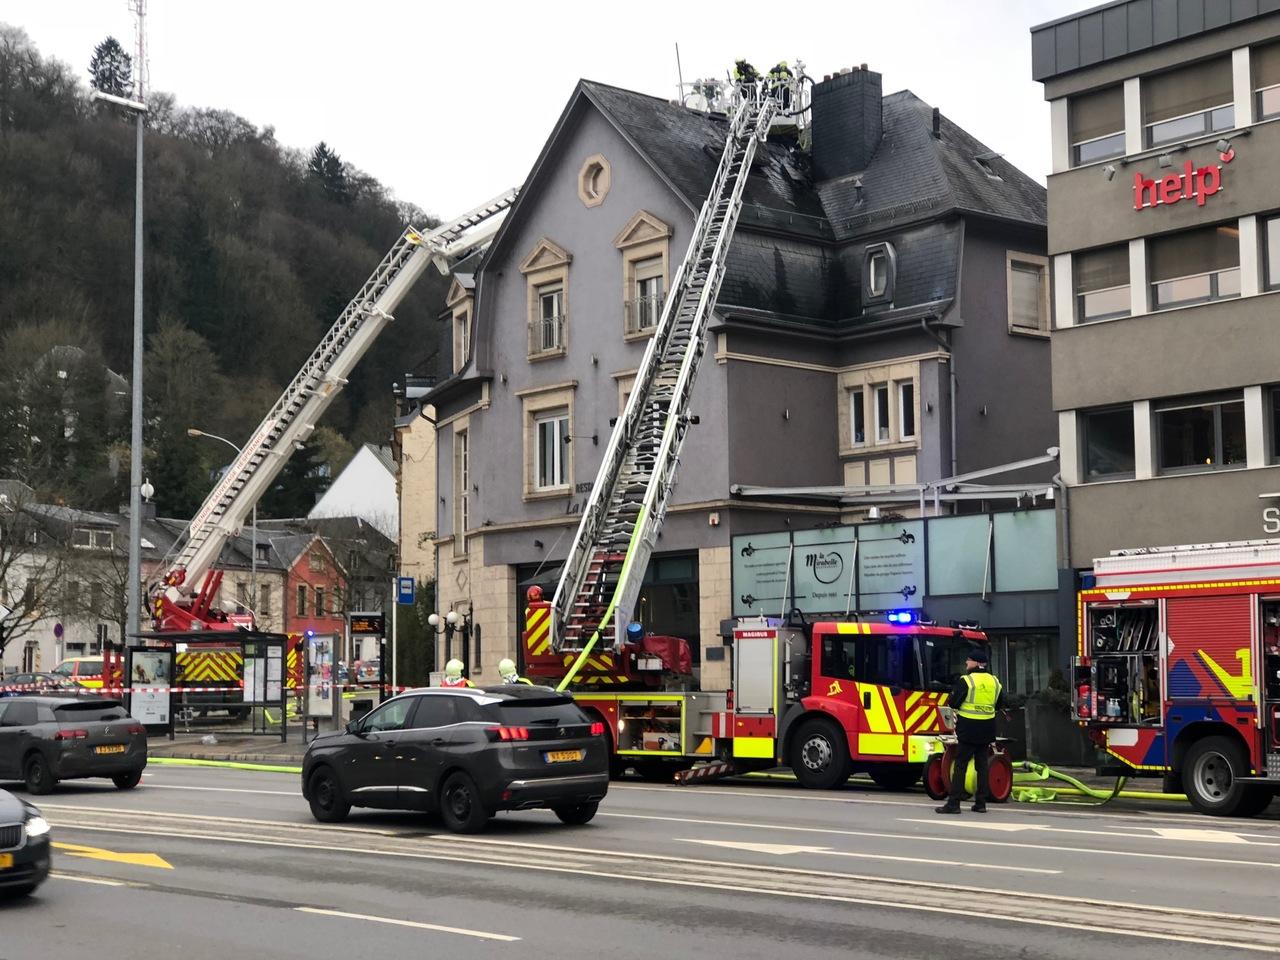 Plus de peur que de mal :Le restaurant La Mirabelle rouvrira après l'incendie